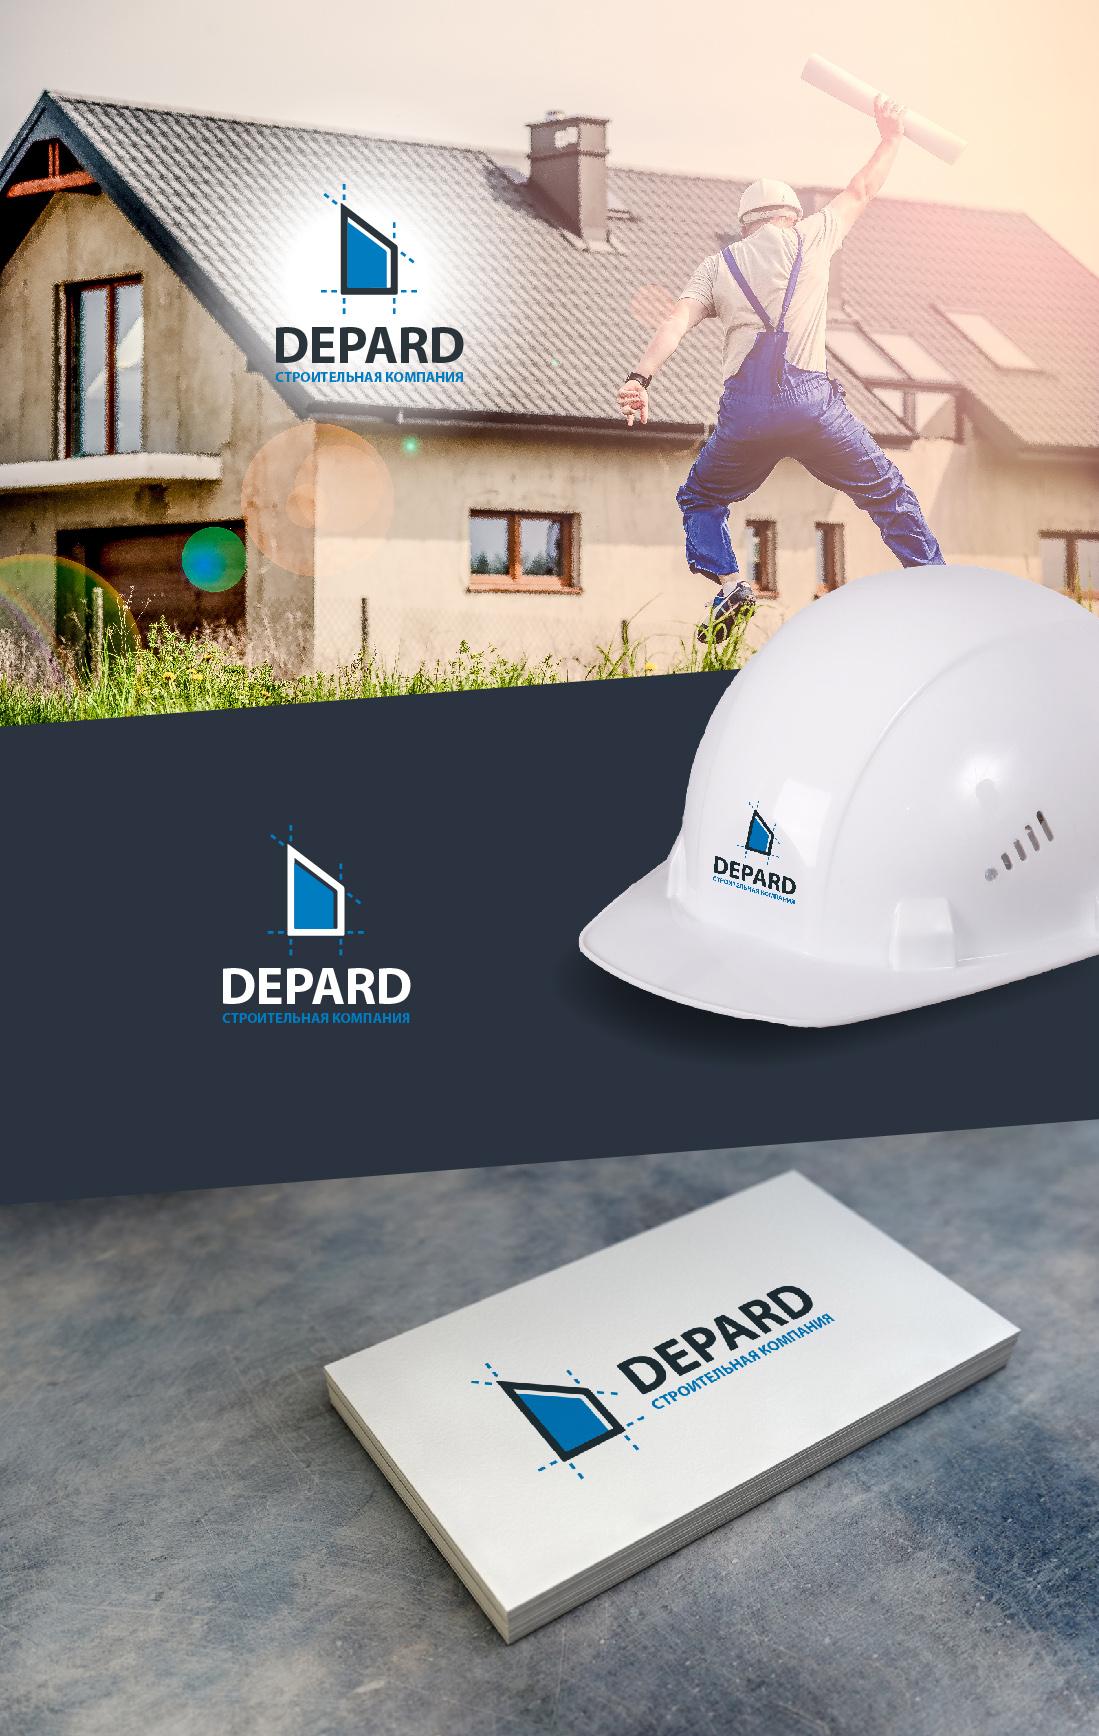 Логотип для компании (услуги недвижимость) фото f_838593563b802ad7.jpg